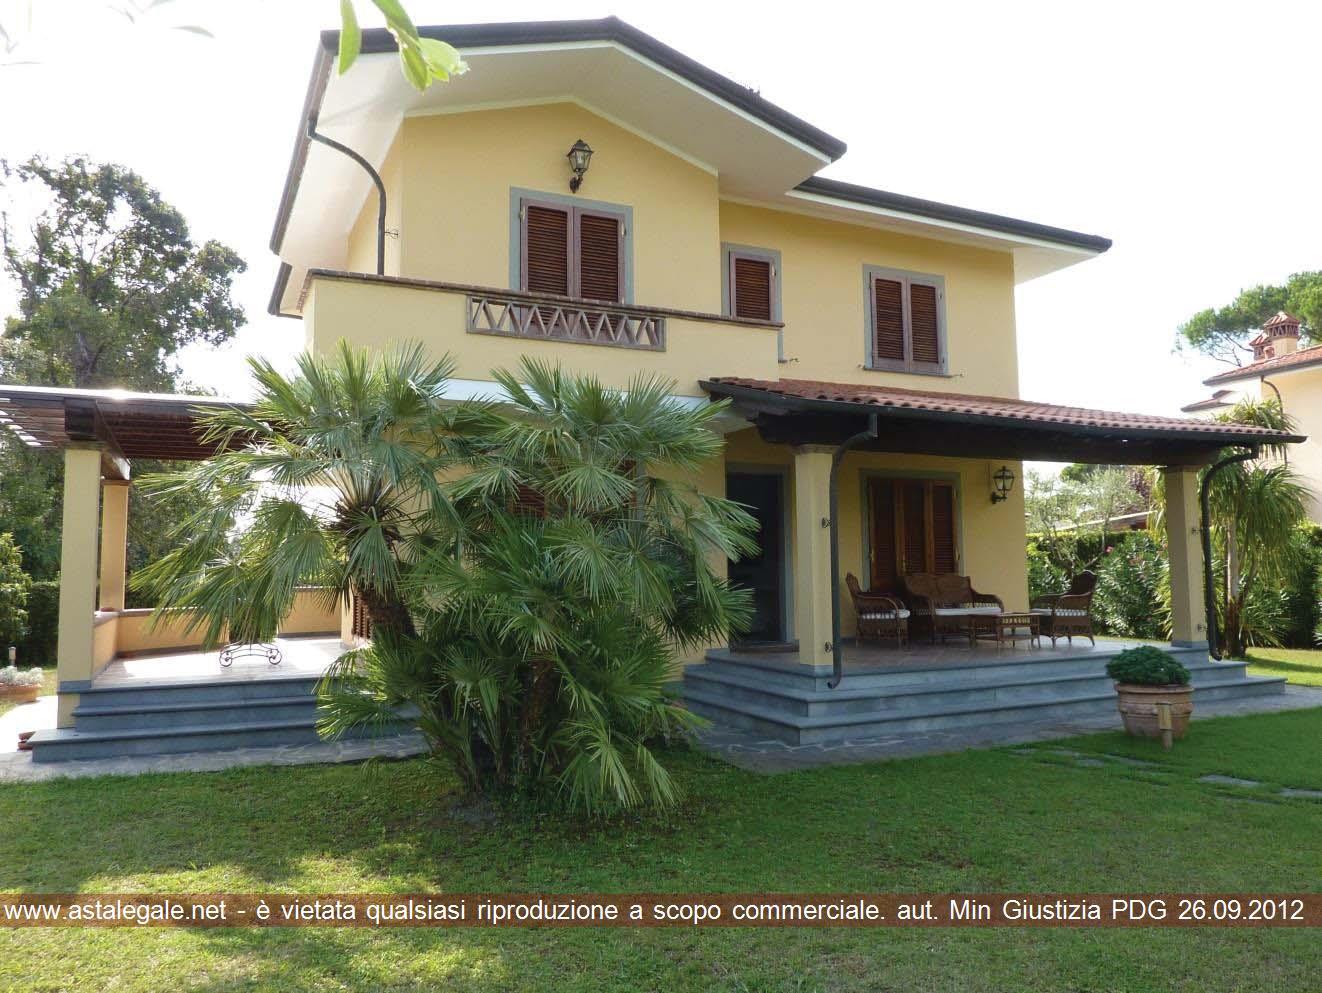 Pietrasanta (LU) Frazione Tofano, via monte Corchia 4/6